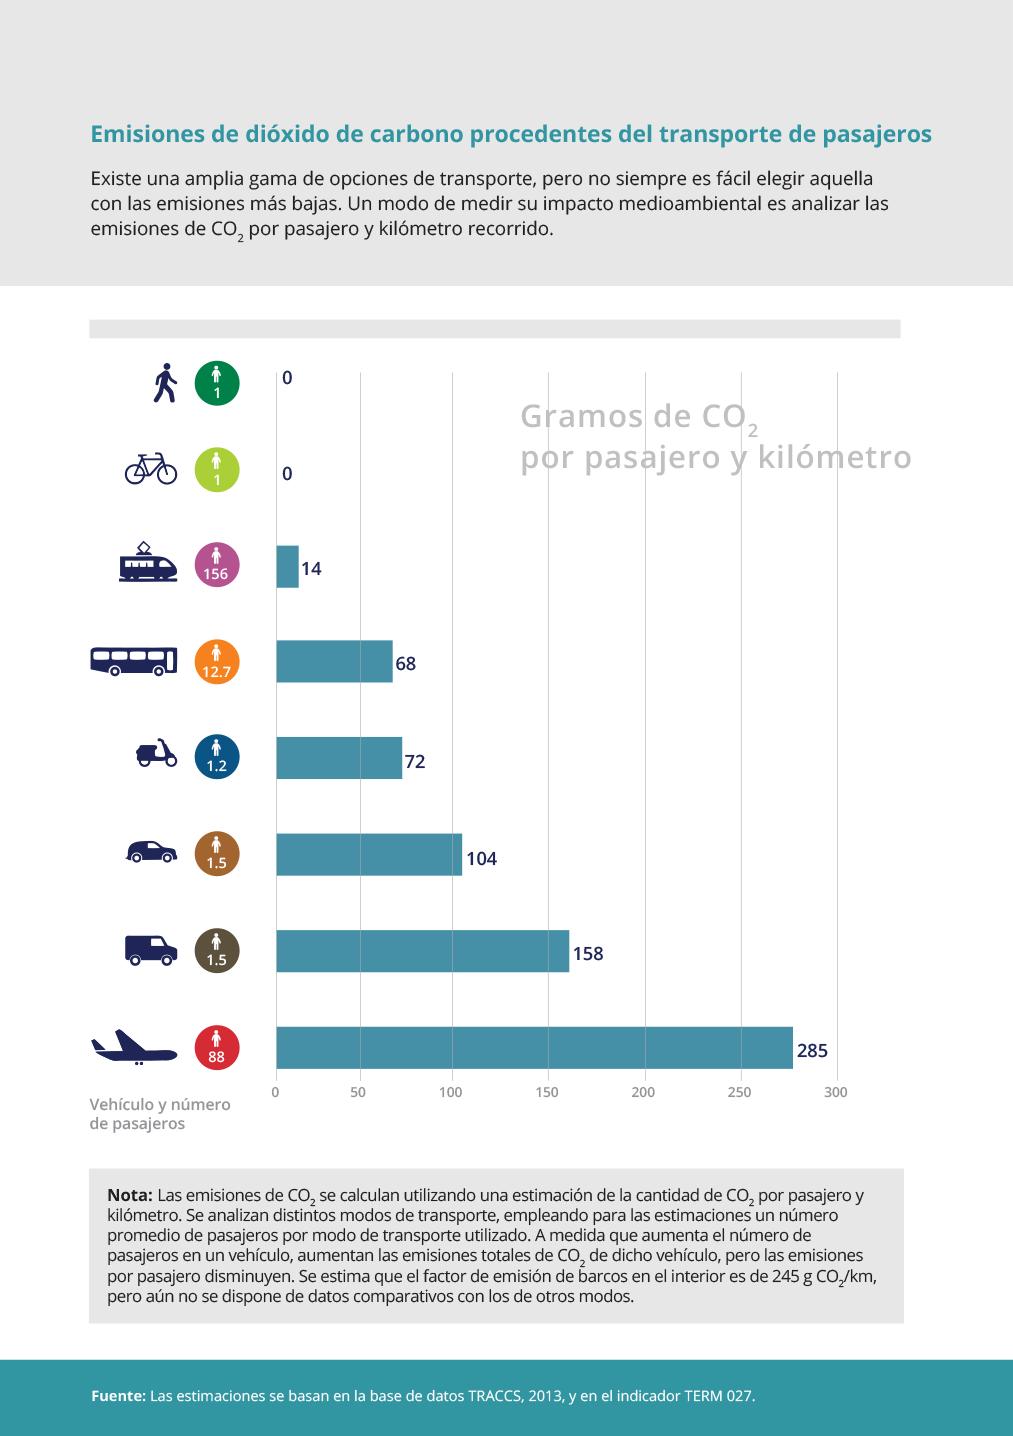 Emisiones de dióxido de carbono procedentes del transporte de pasajeros